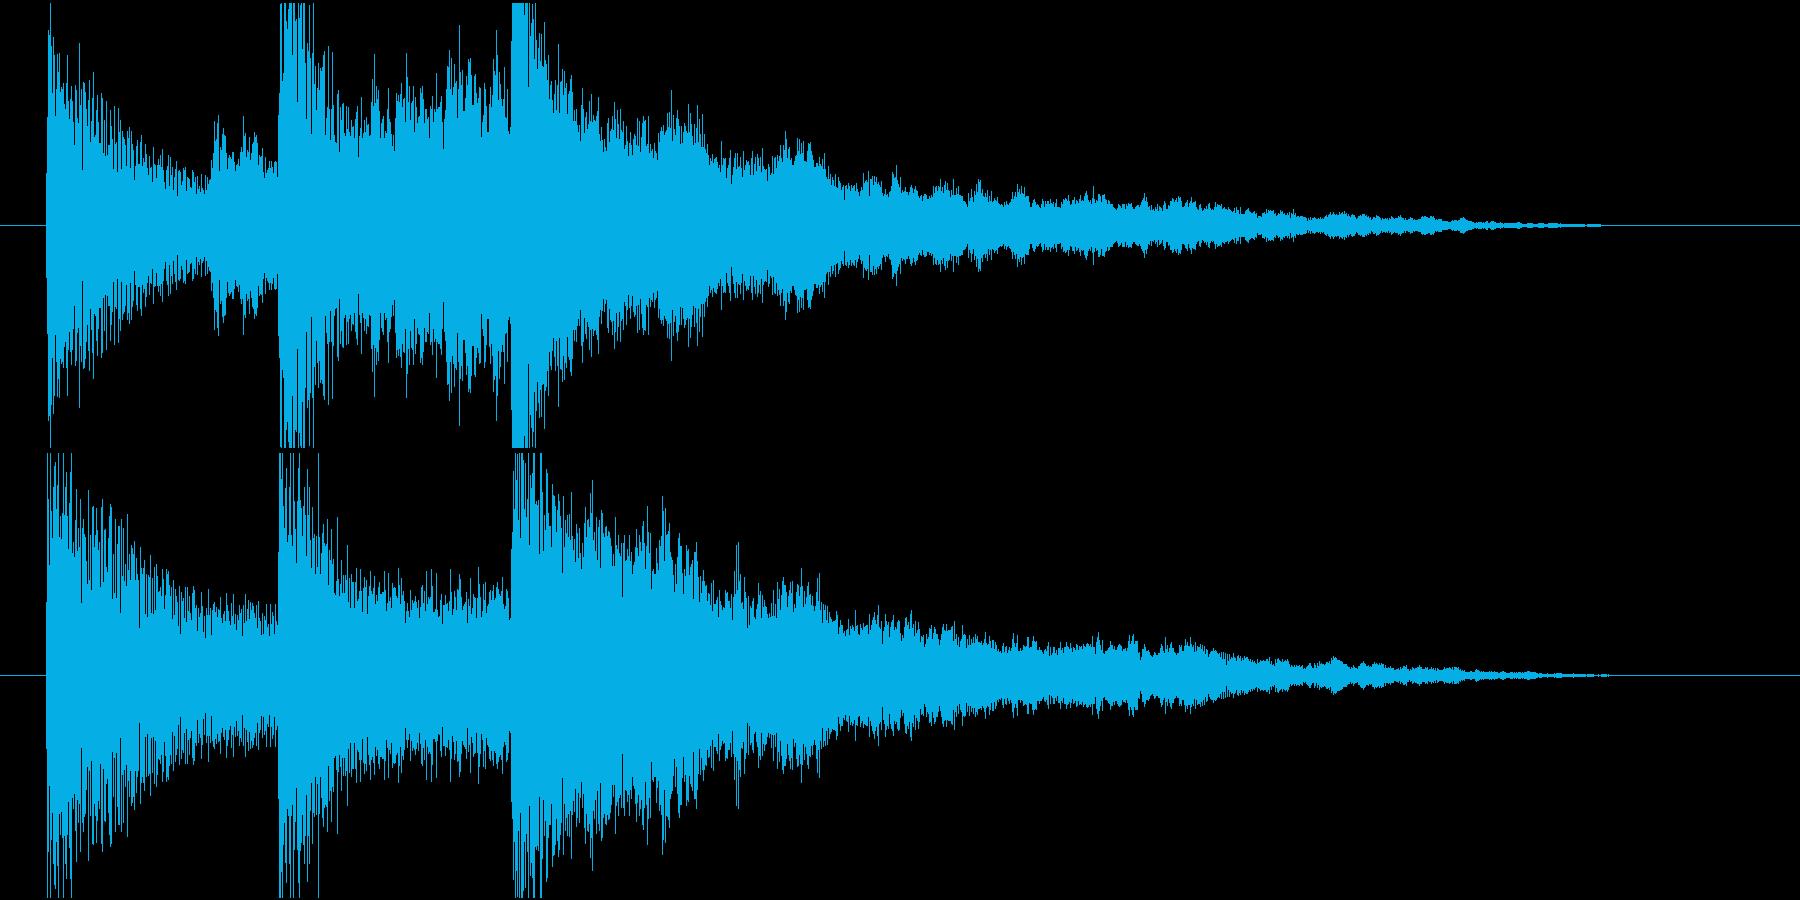 【ジングル】ピアノと森林の幻想的な曲の再生済みの波形